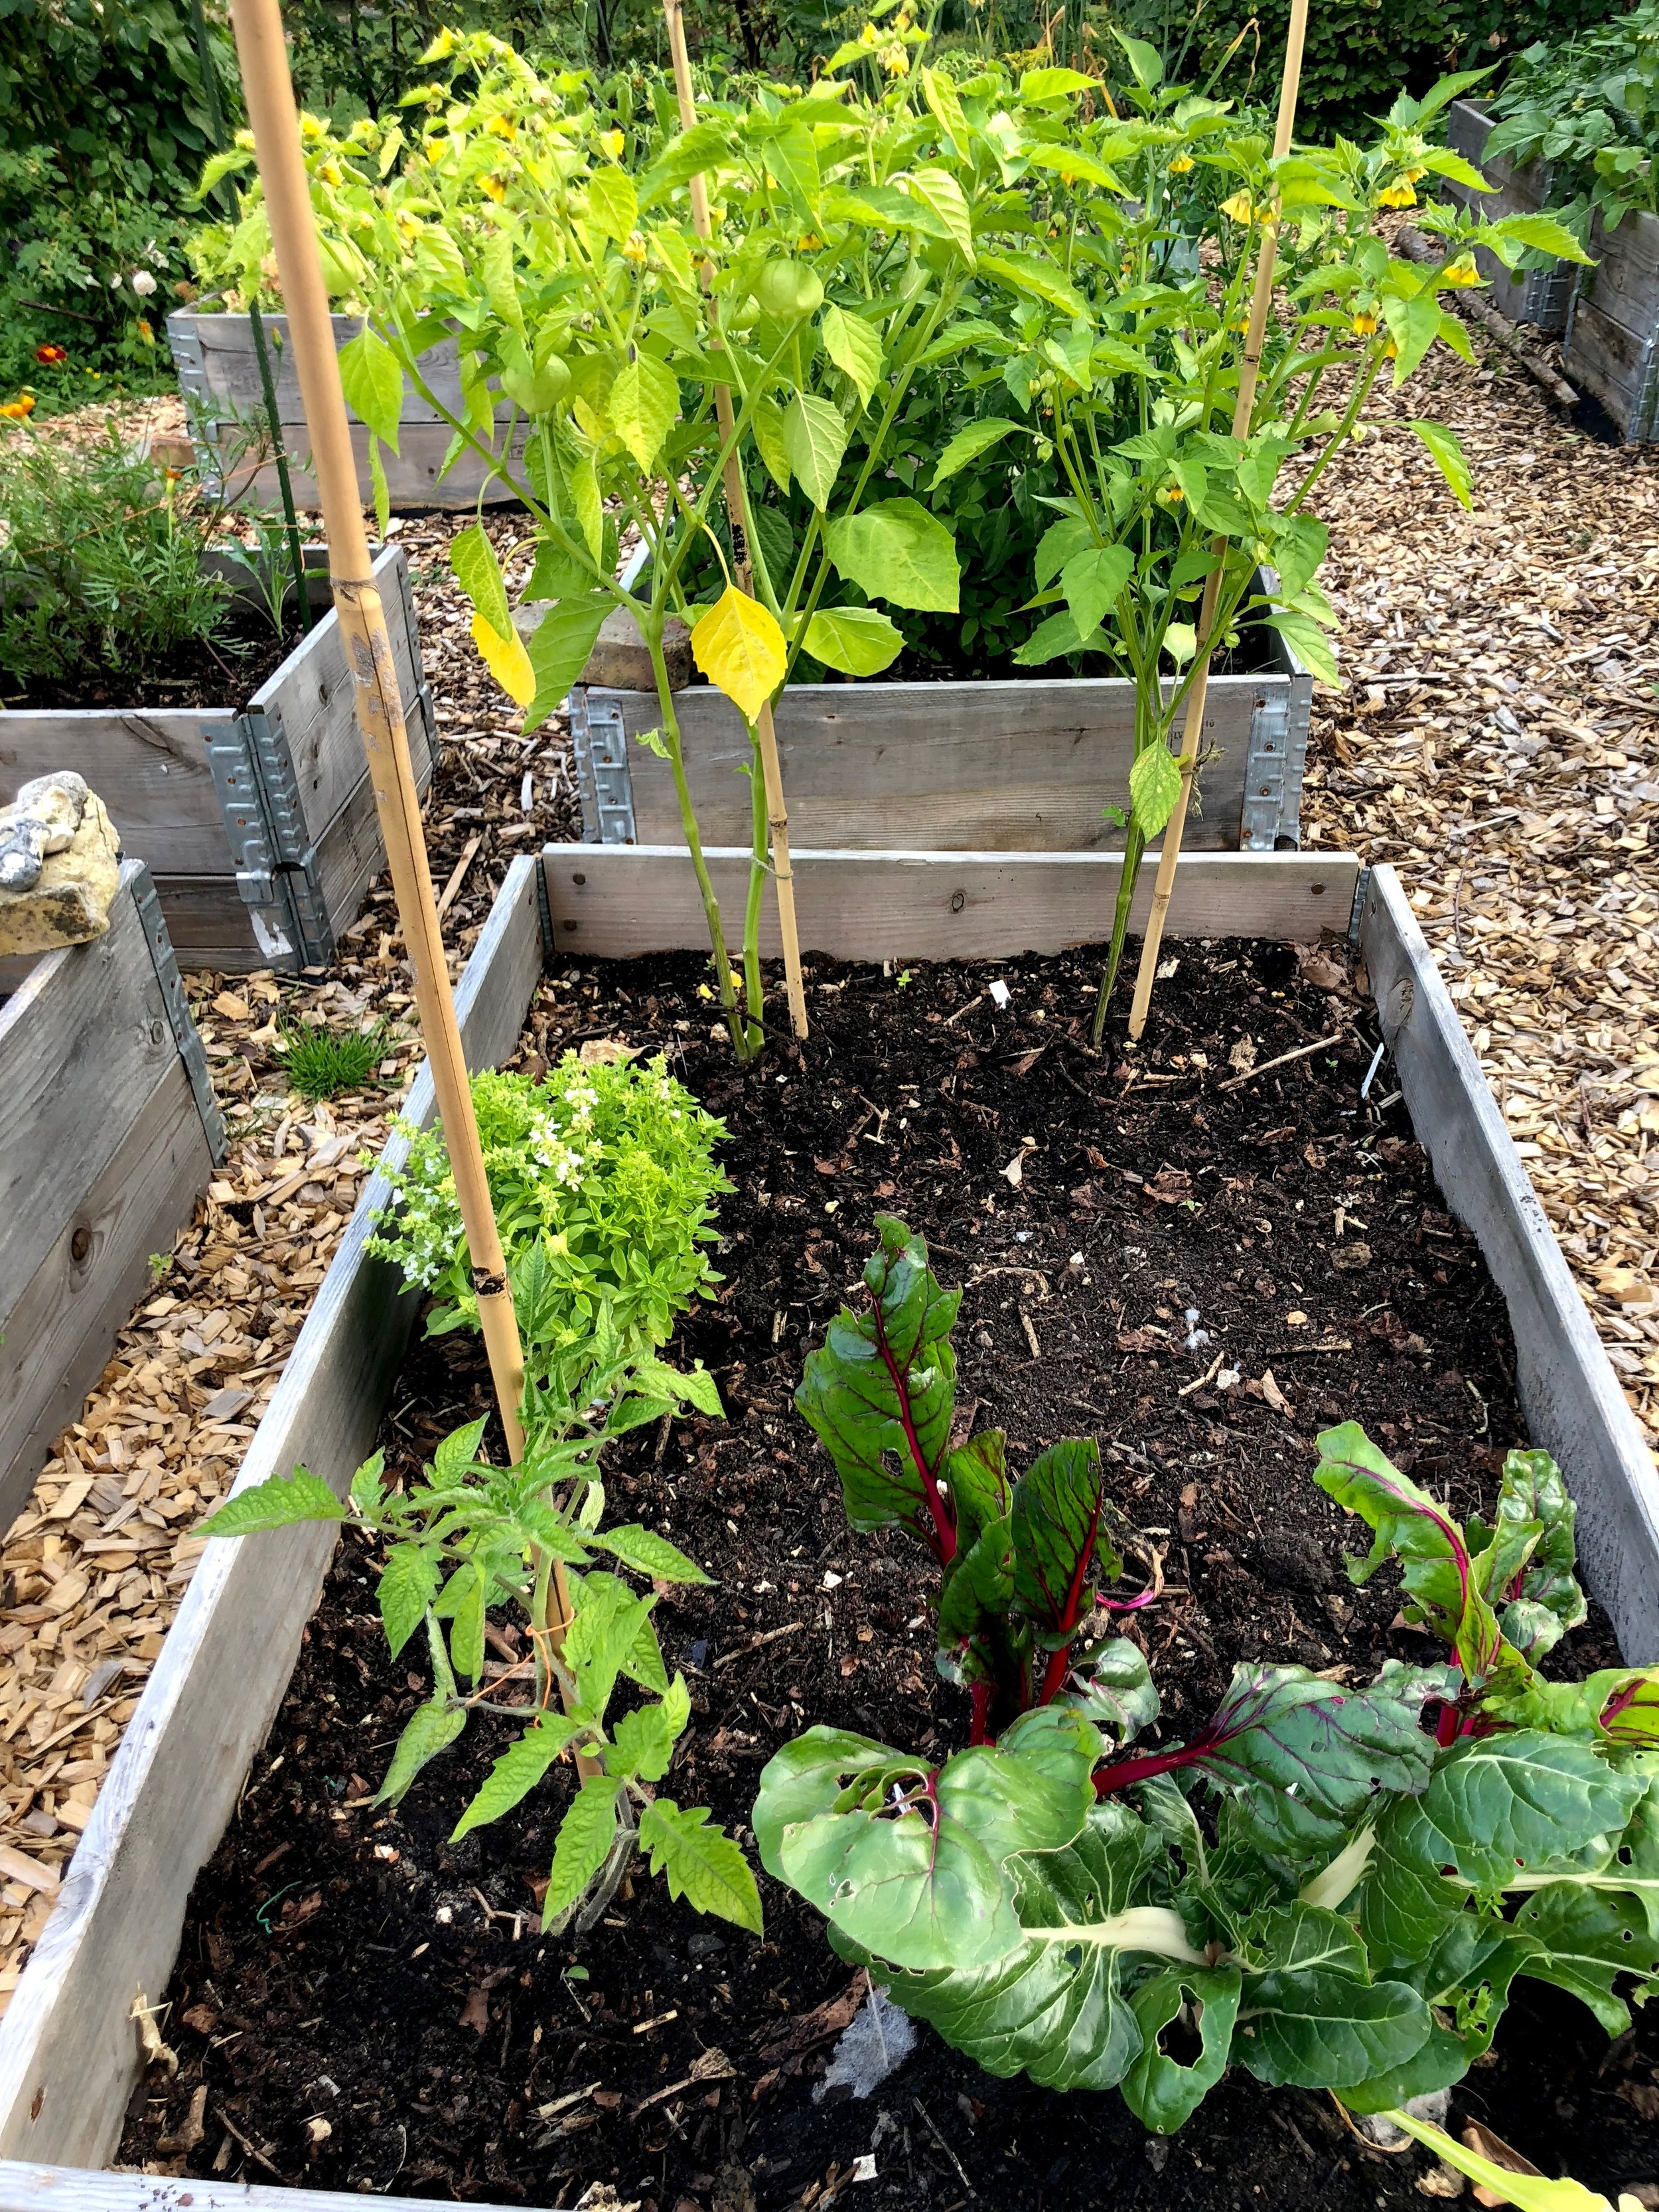 Forrest er det bladbede. Når man høster de yderste blade, så skyder planten fra midten, og på den måde kan du høste af den over lang tid. Det samme gælder salat, som jeg har været inde på, og spinat.